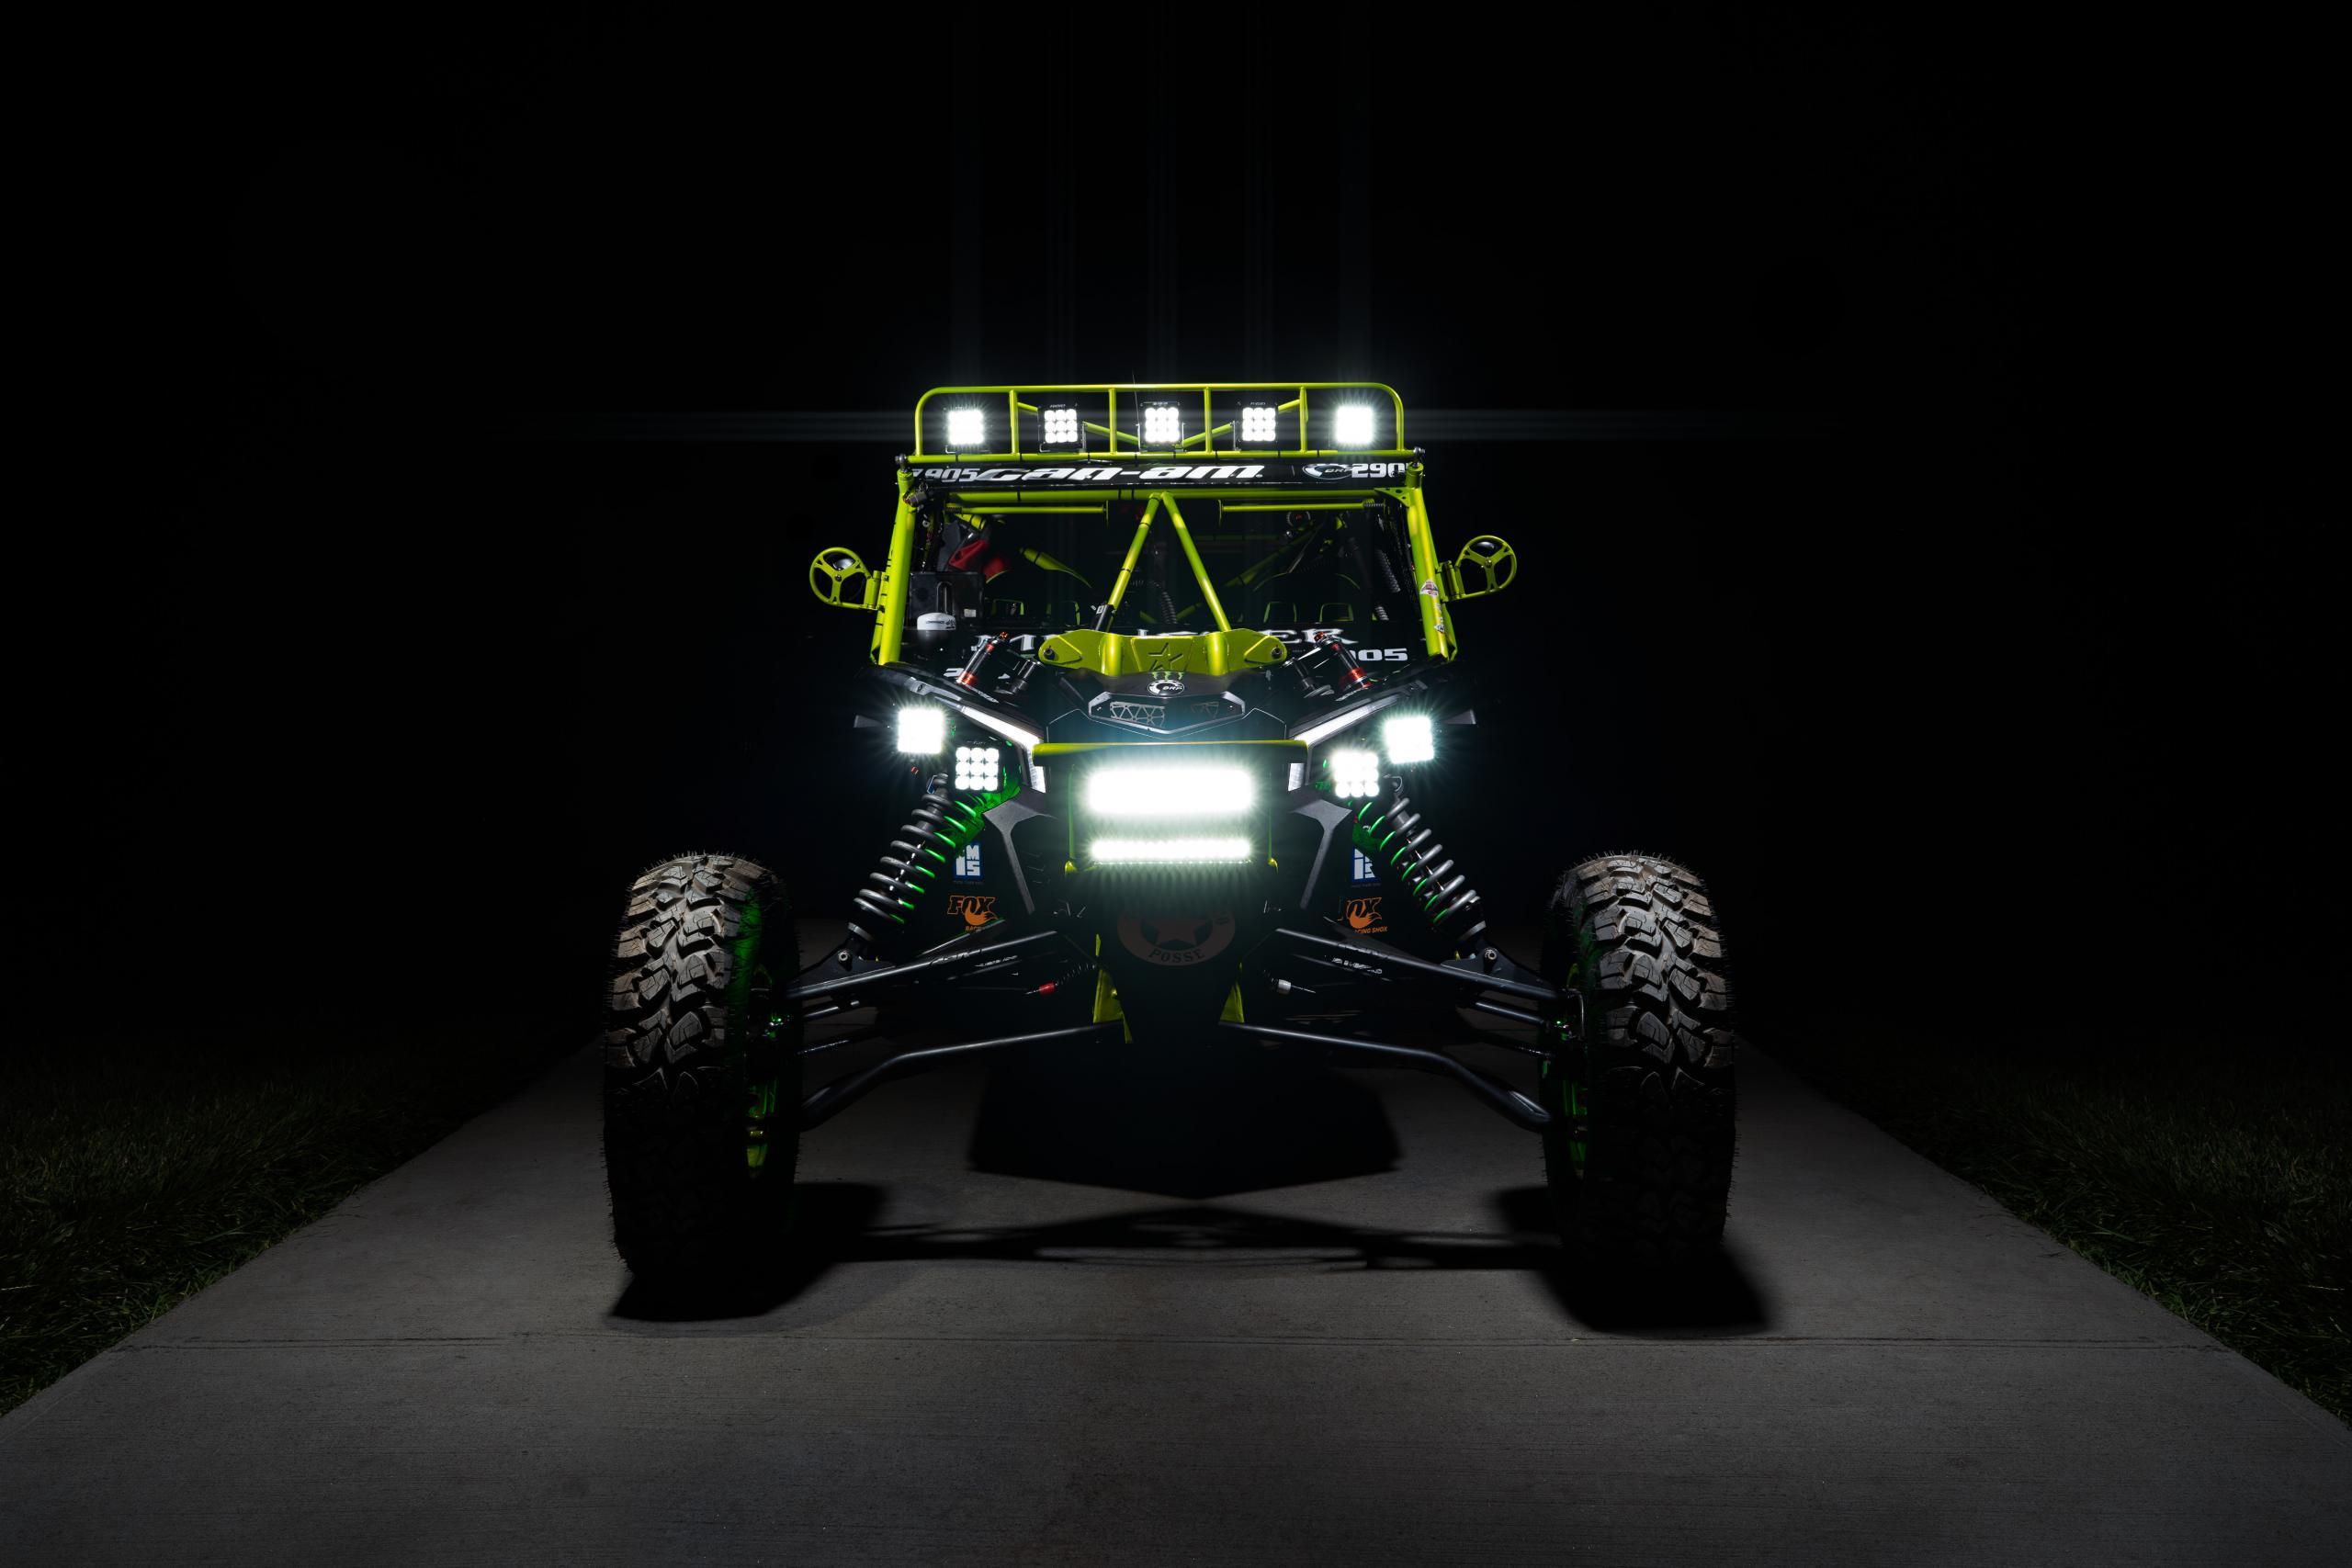 2021 Baja 500 Rigid Burnett 7 1